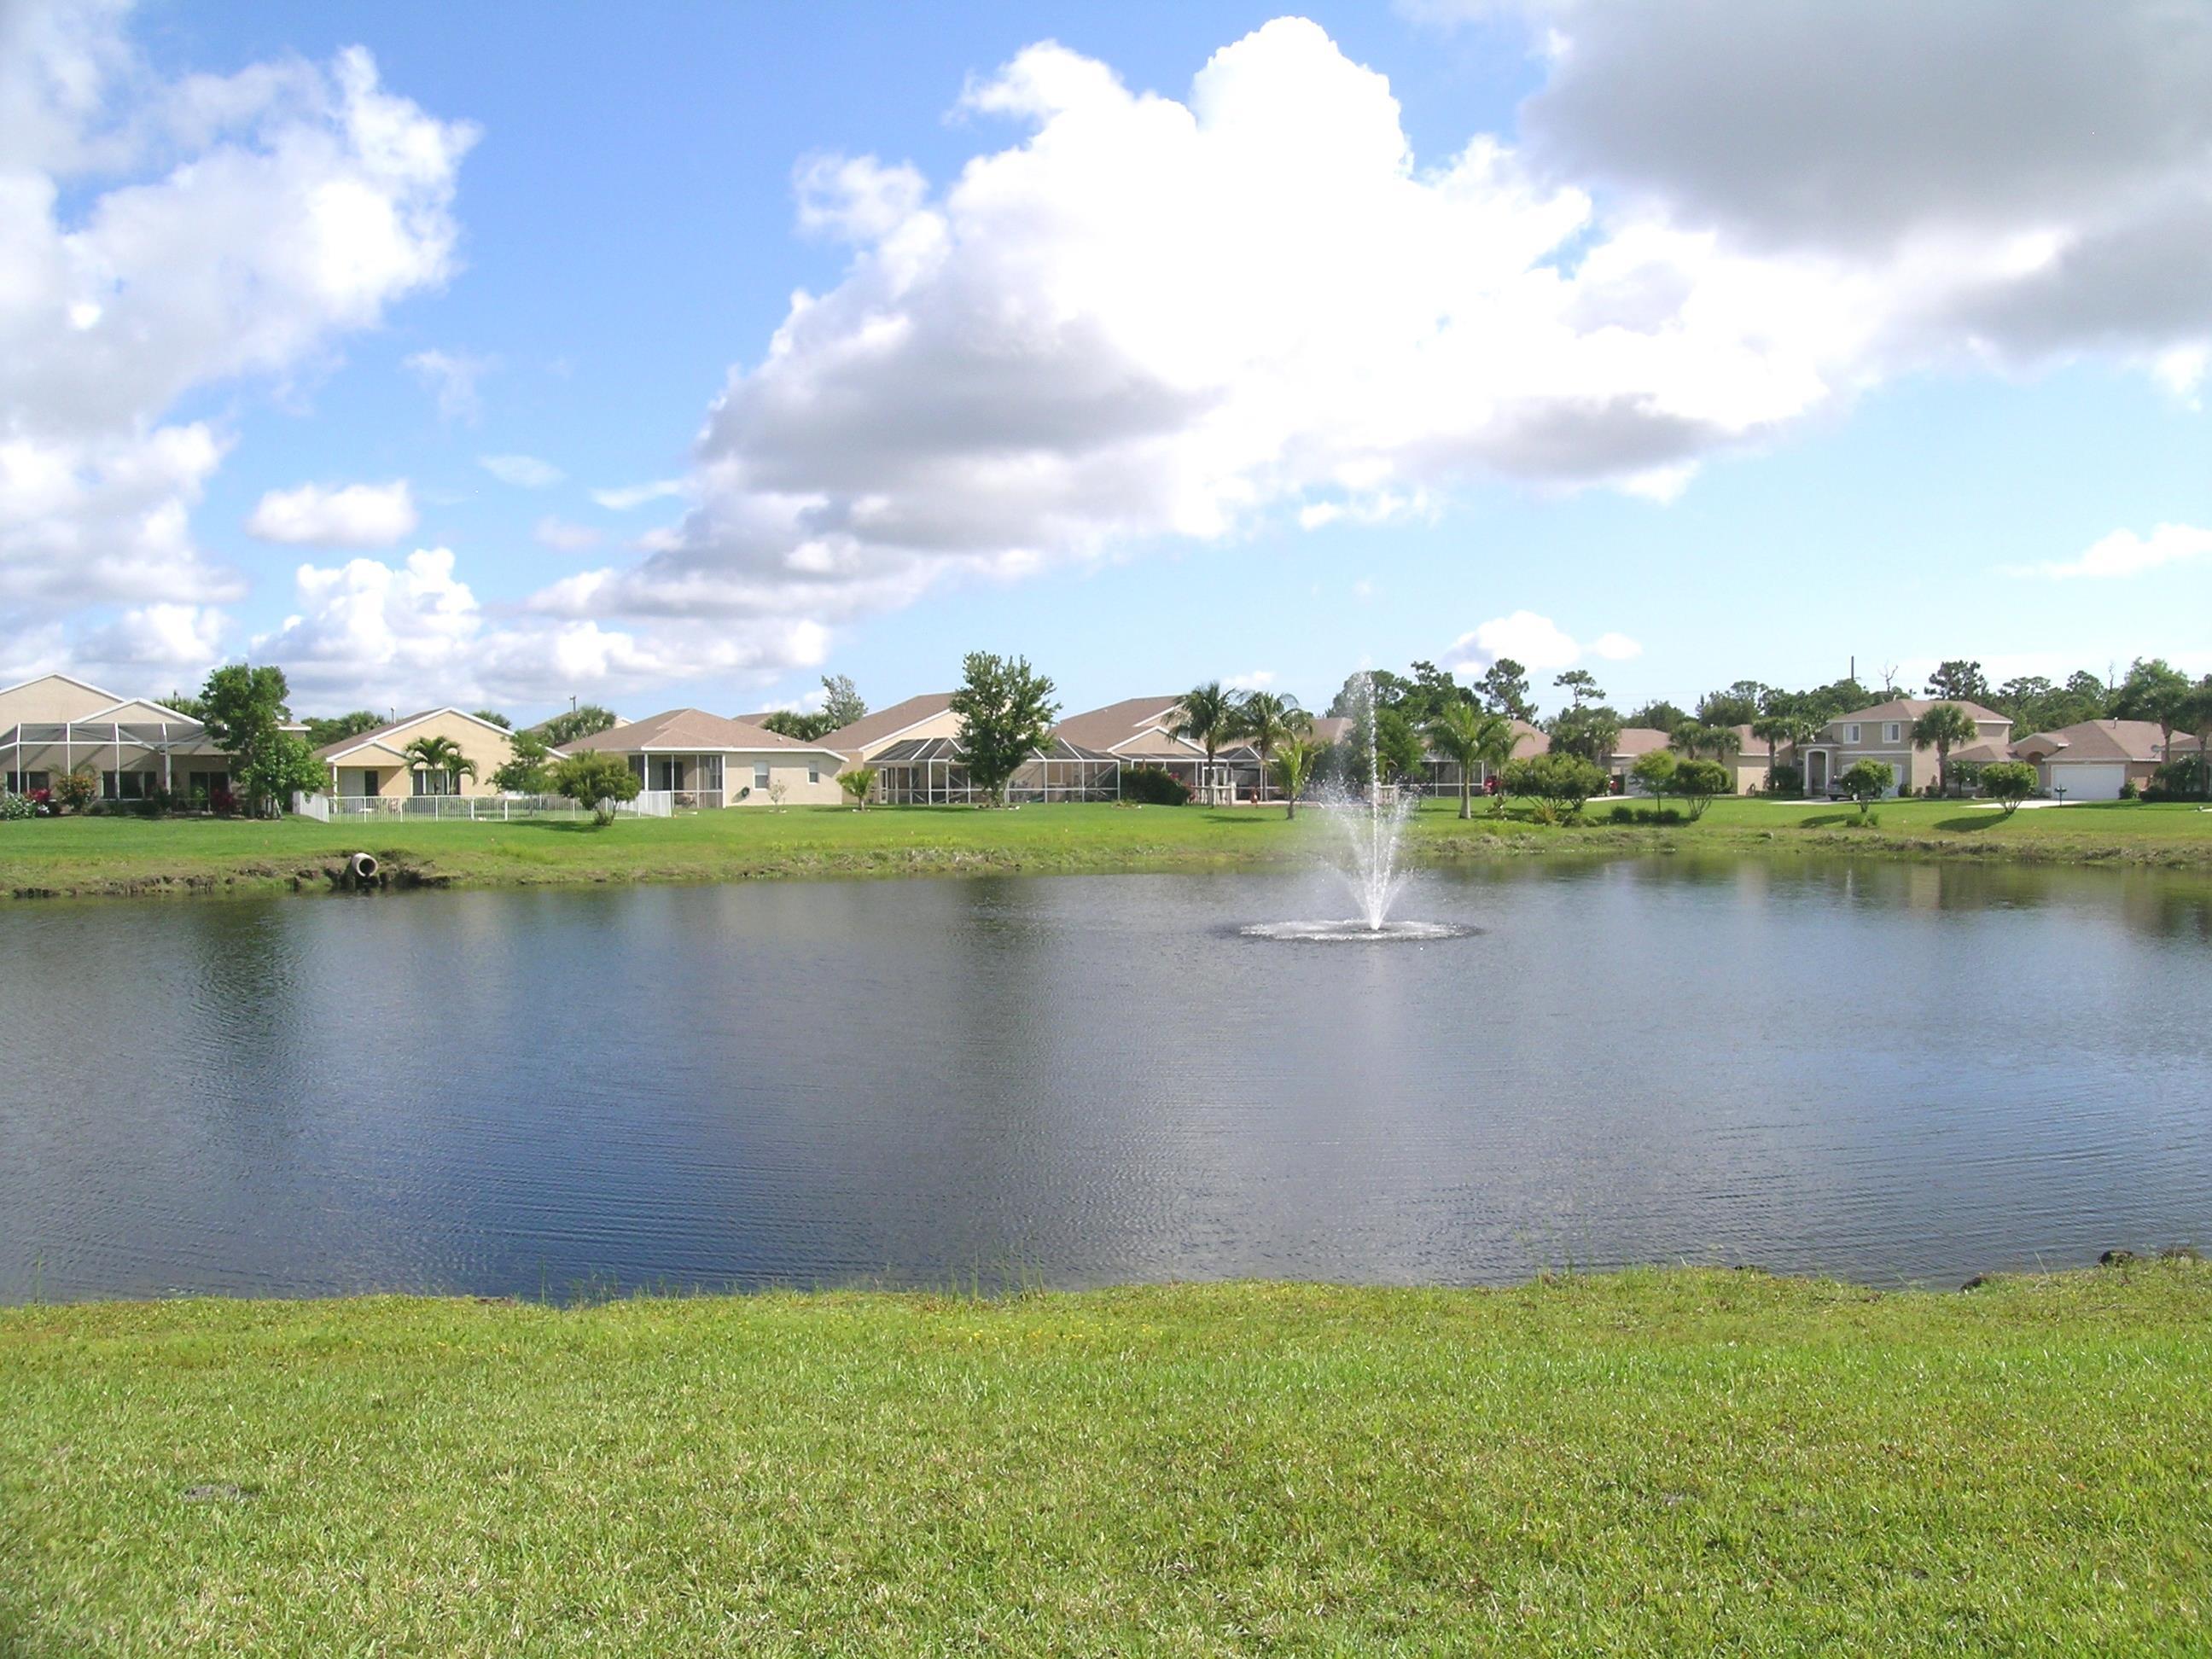 Springtree - Stuart Florida Homes for Sale